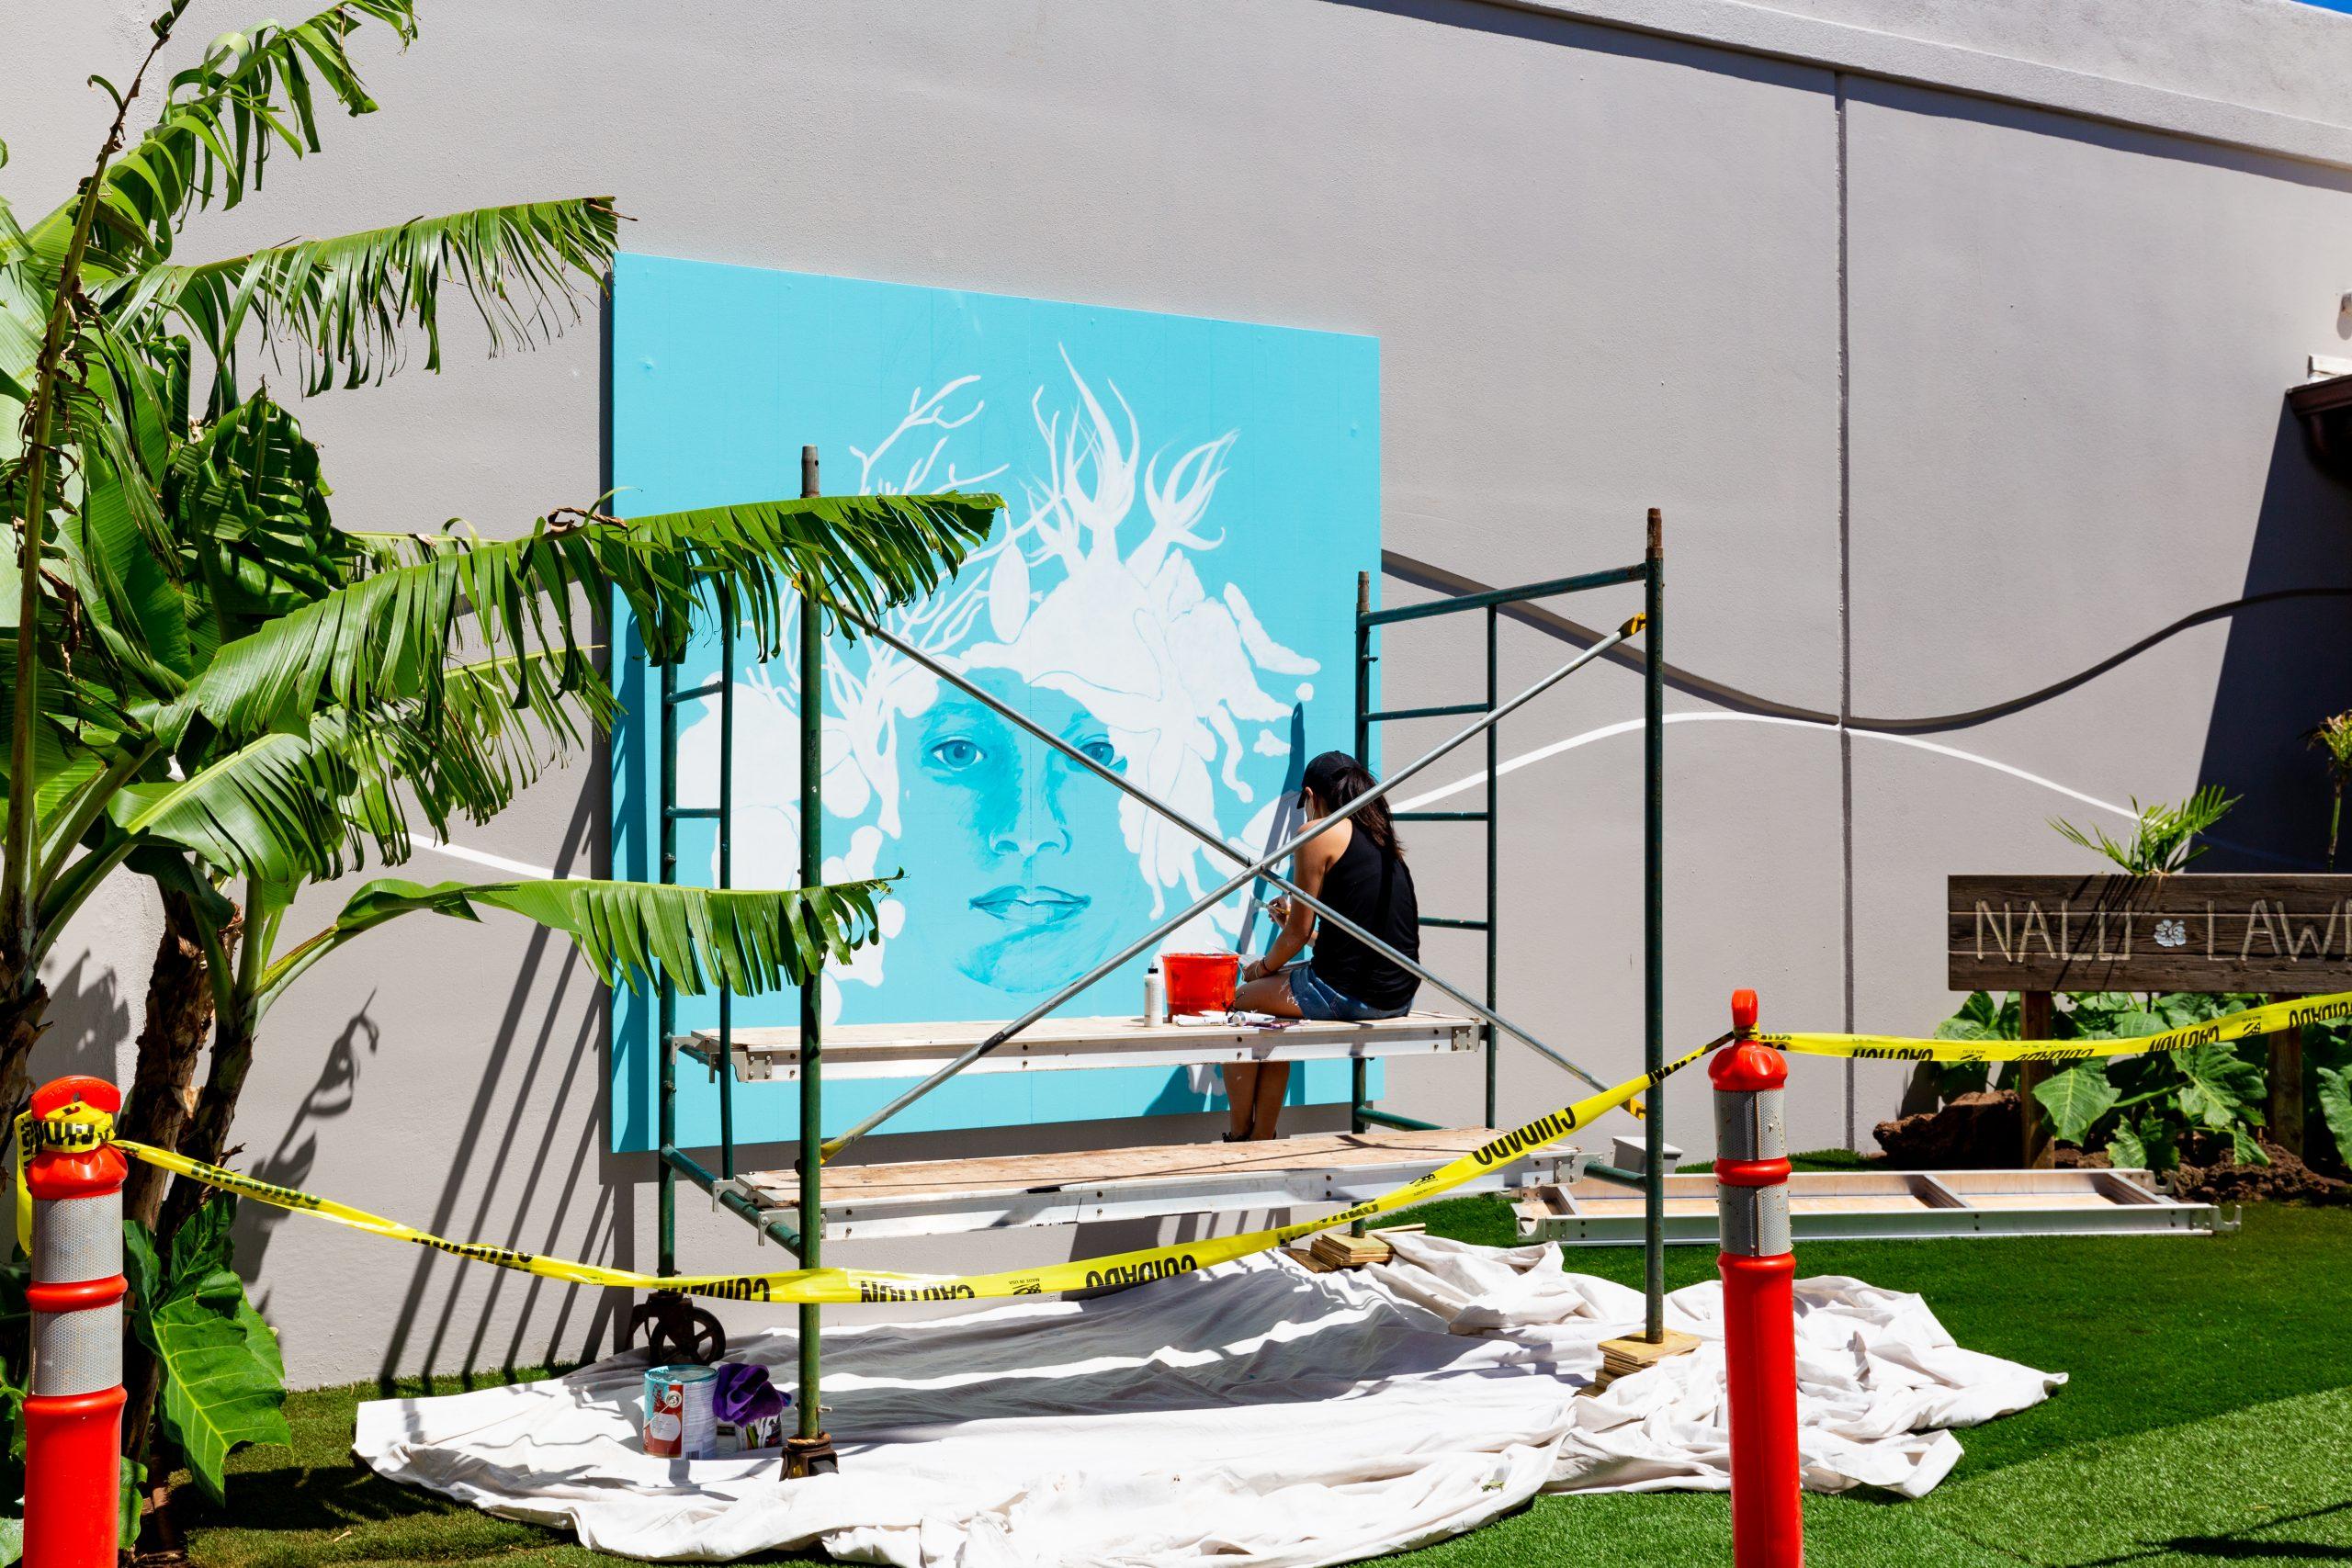 'Vanishing' Mural at Maui Ocean Center Highlights Plight of Hawai'i's Coral Reefs